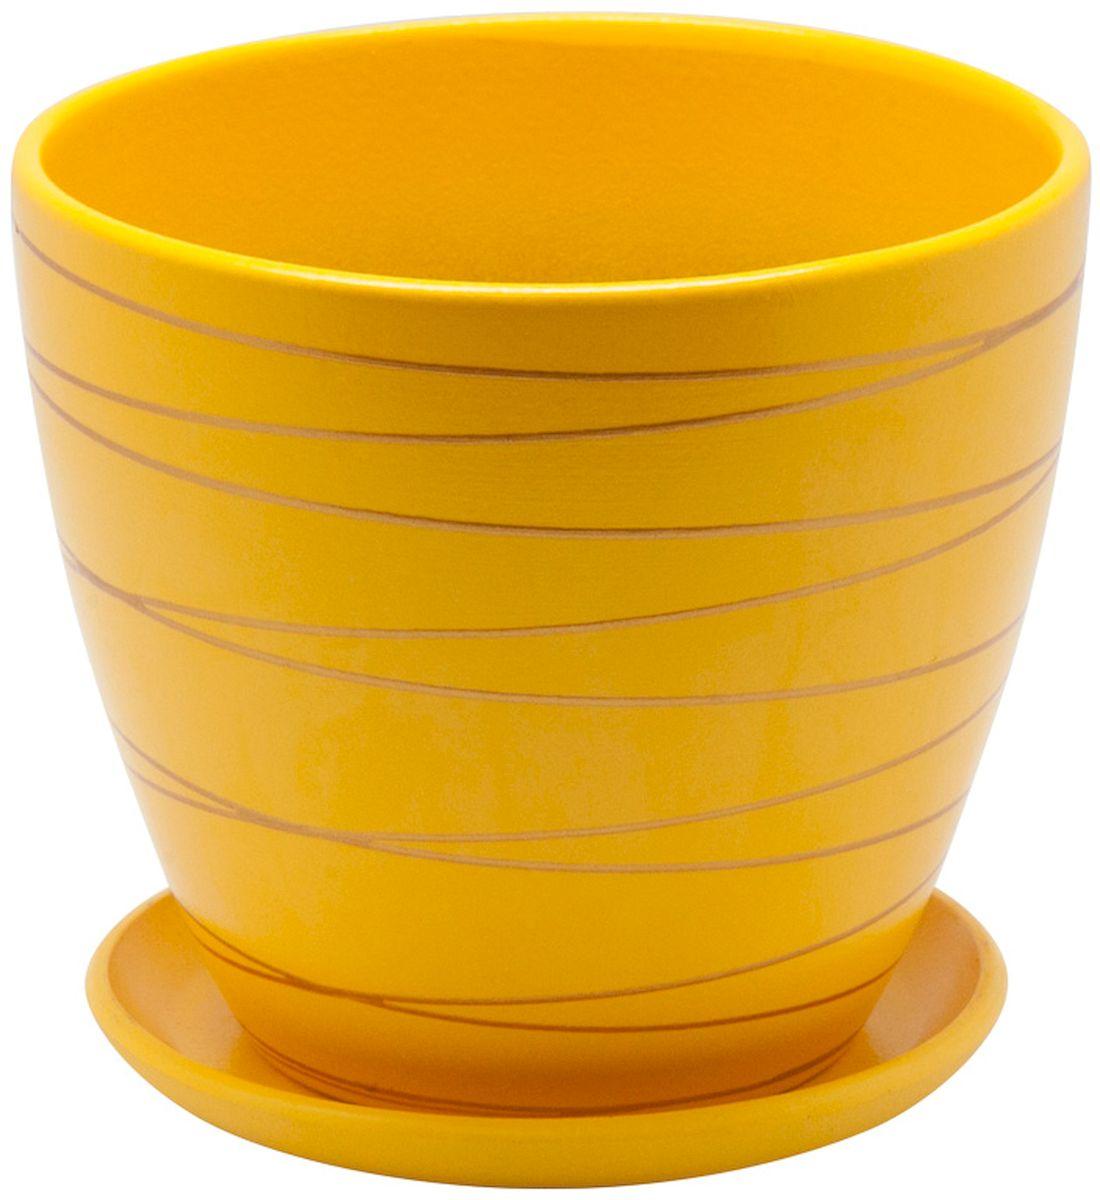 Горшок цветочный Engard, с поддоном, цвет: желтый, 4,7 л. BH-25-3BH-25-3Керамический горшок Engard - это идеальное решение для выращивания комнатных растений и создания изысканности в интерьере. Керамический горшок сделан из высококачественной глины в классической форме и оригинальном дизайне.Объем: 4,7 л.